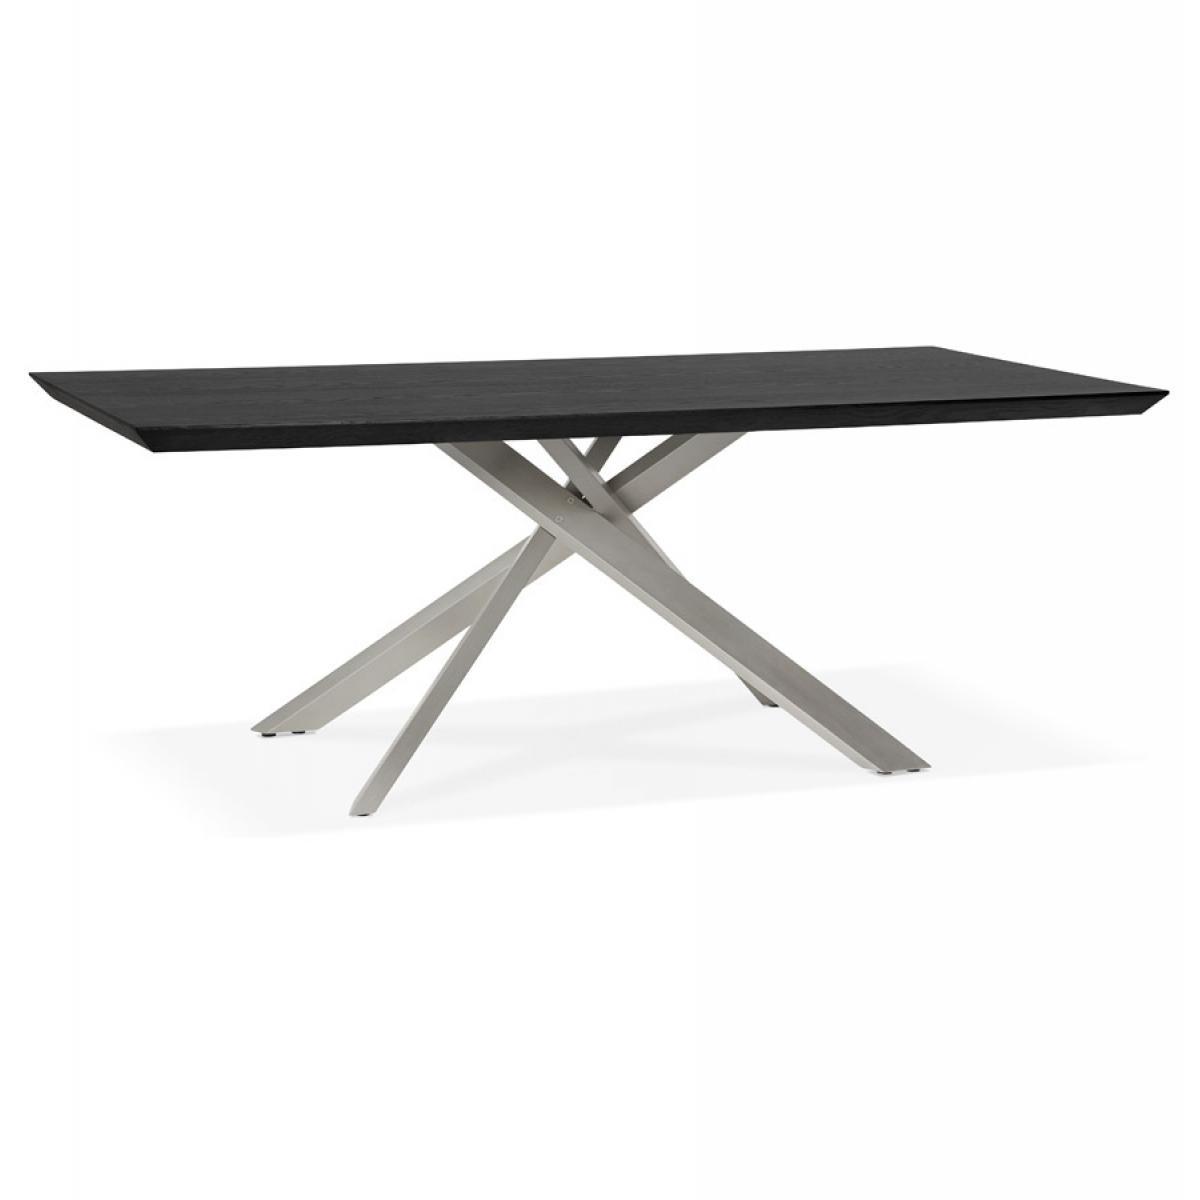 Alterego Table à manger design 'WALABY' en bois noir avec pied central en métal - 200x100 cm